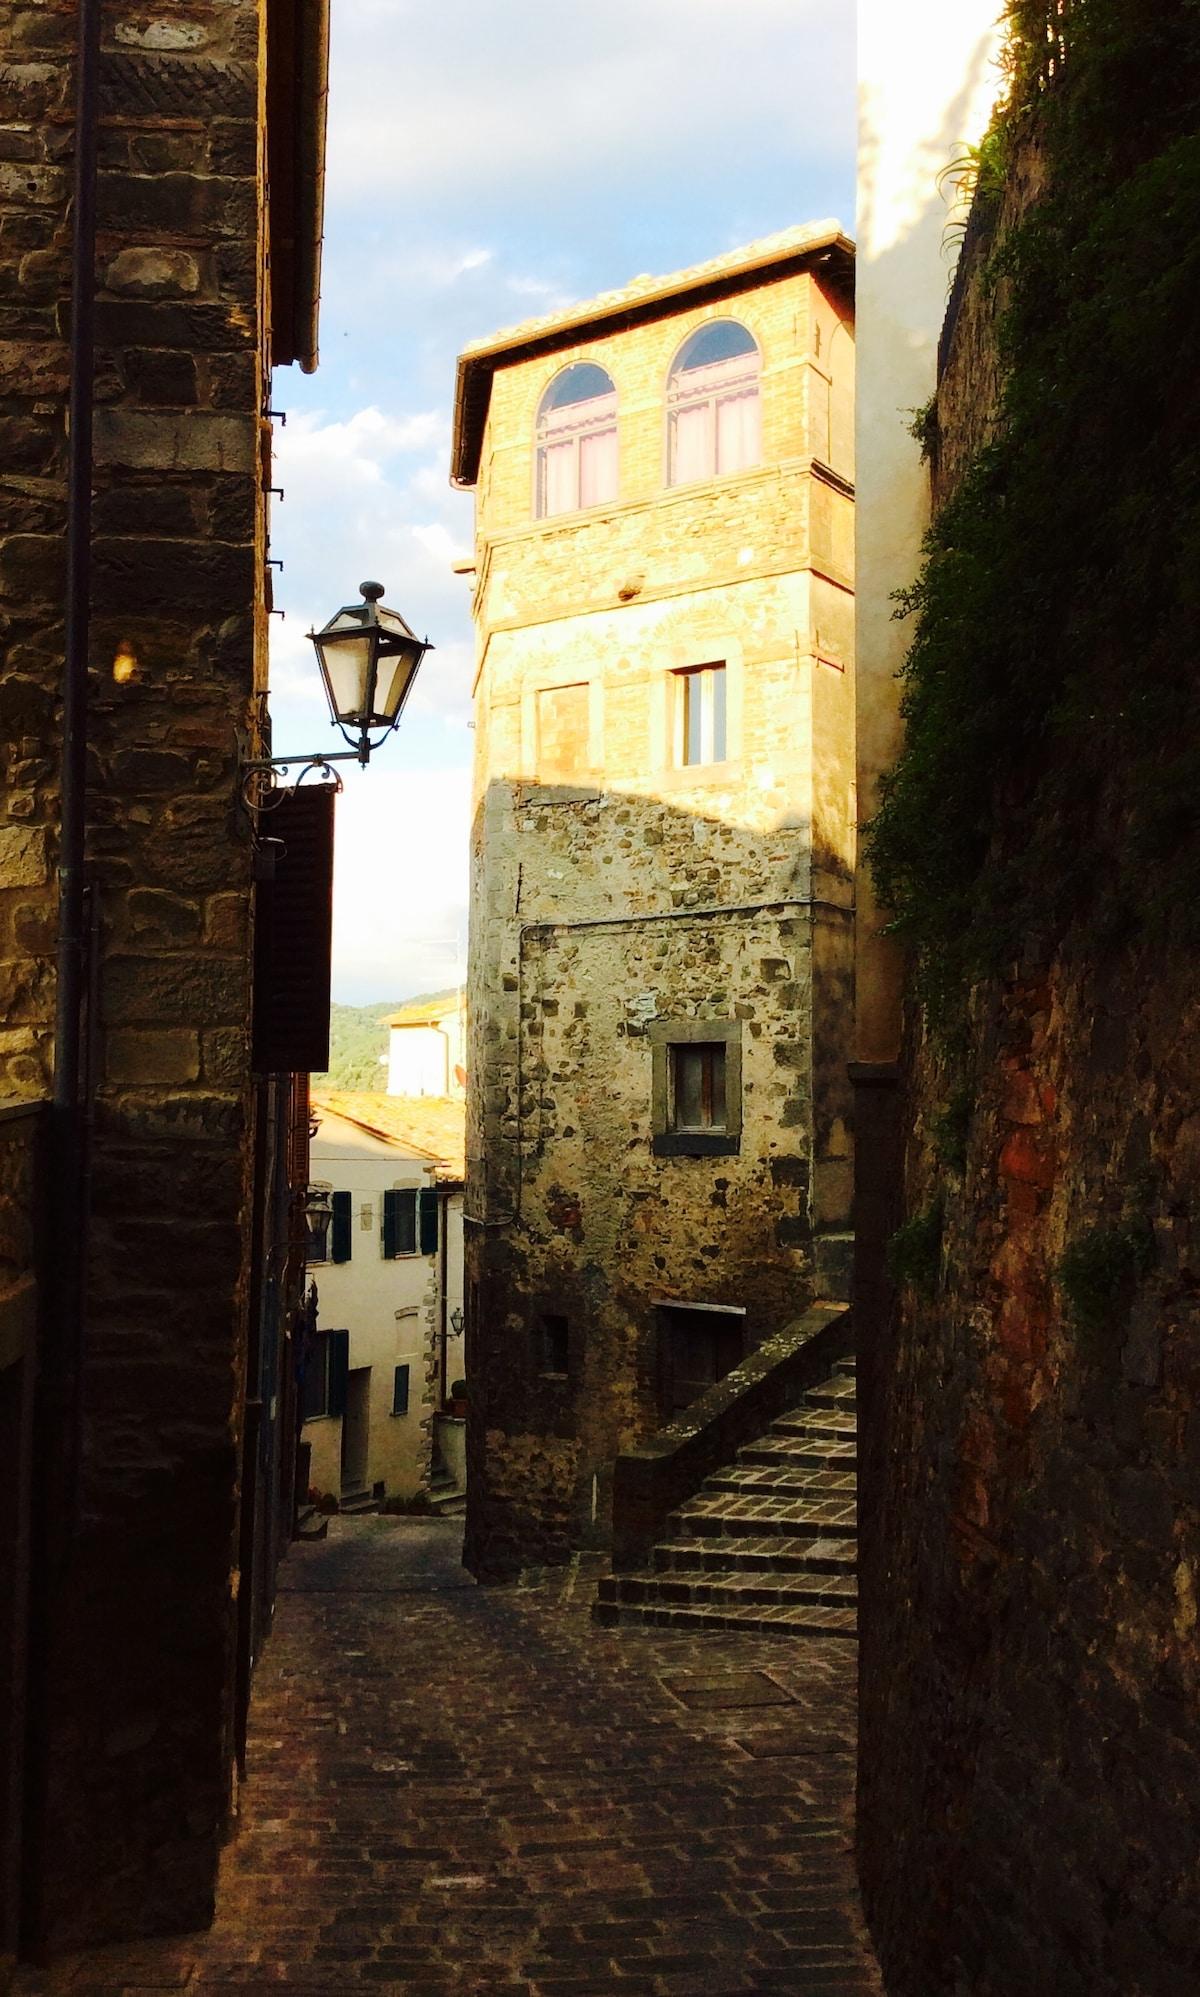 Torre al tramonto, situata all'incrocio tra via indipendenza e via Roma - Seggiano